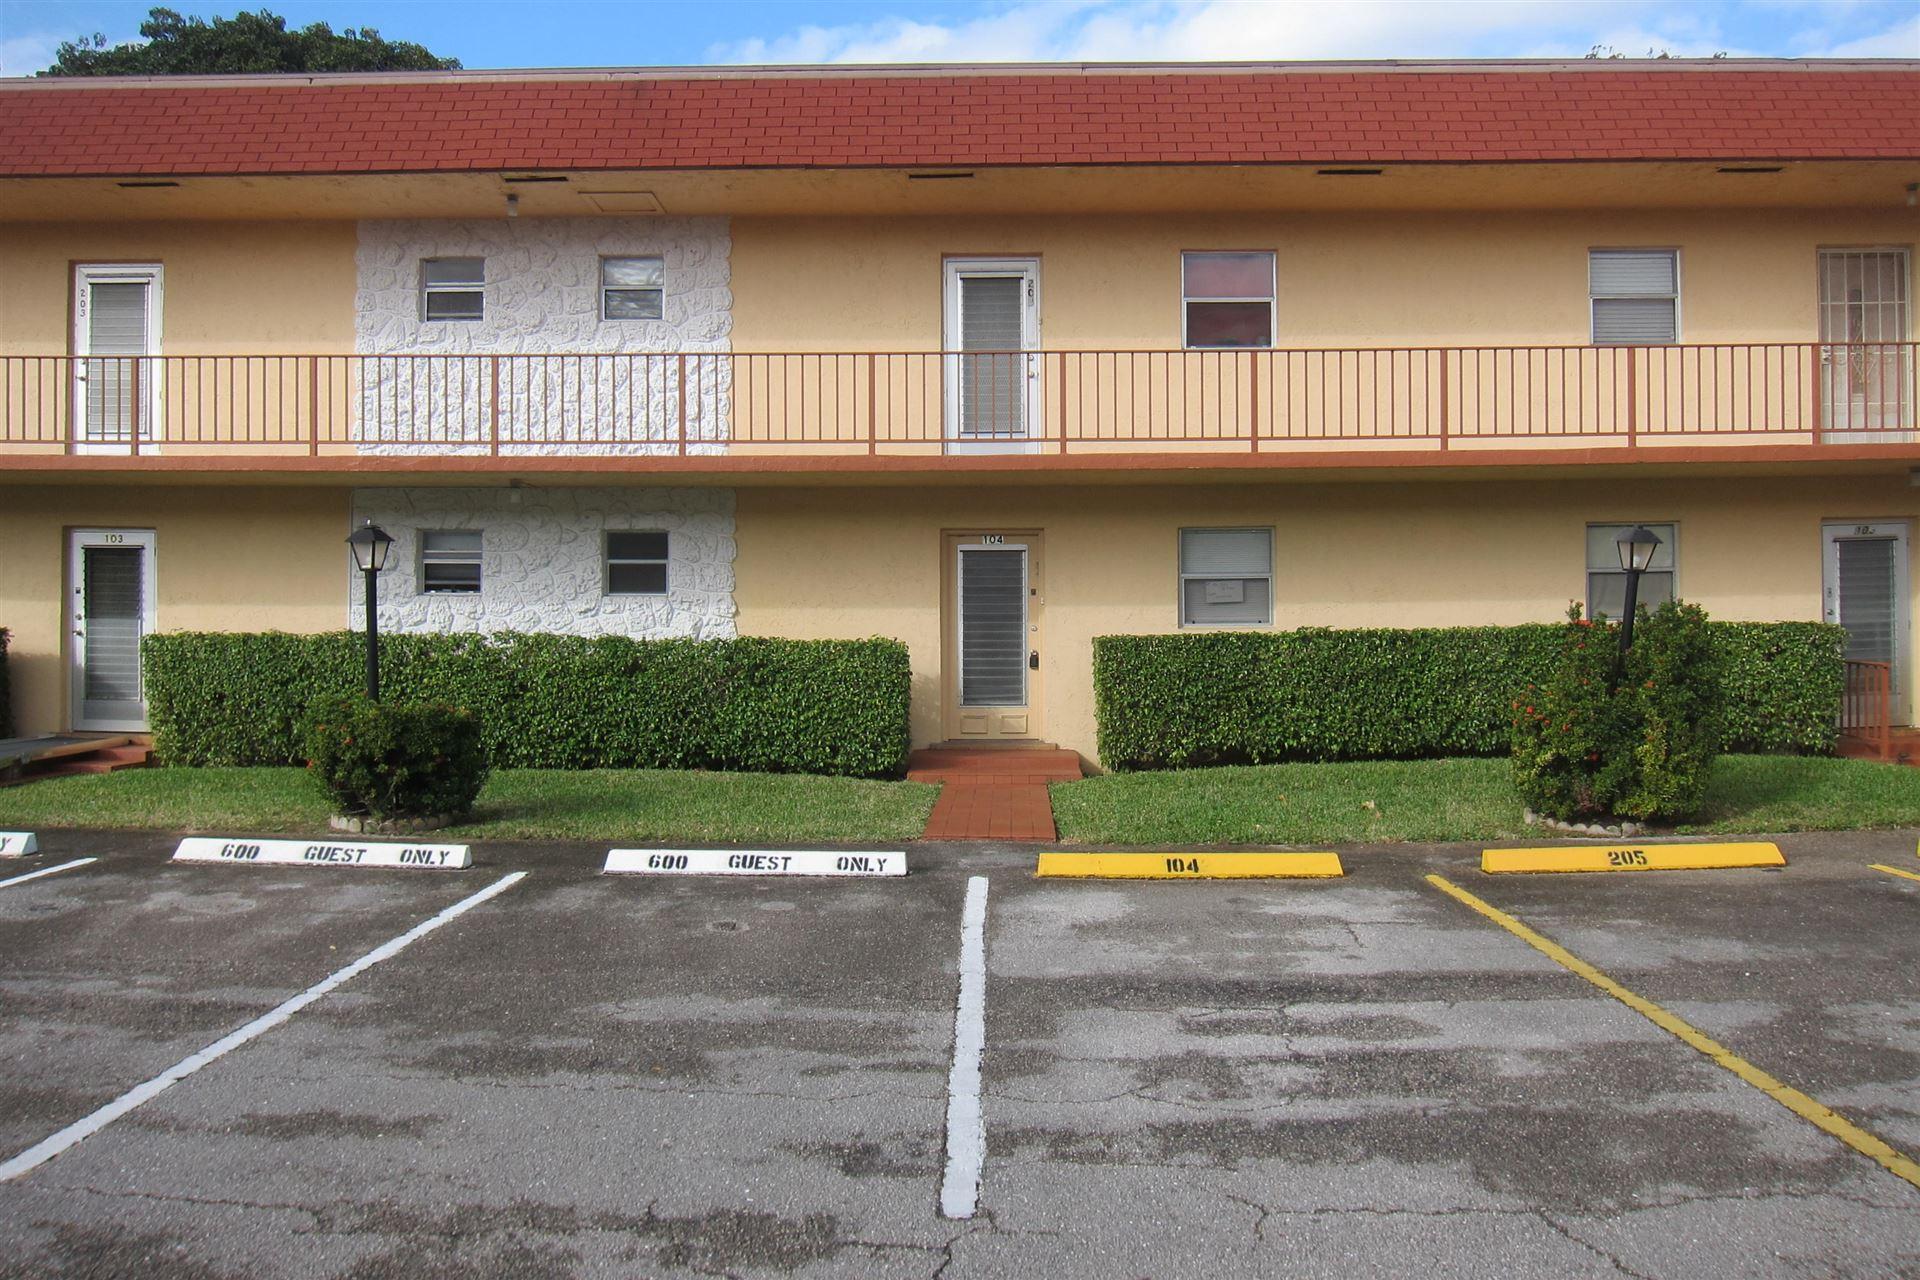 104 Oxford 600, West Palm Beach, FL 33417 - MLS#: RX-10682979